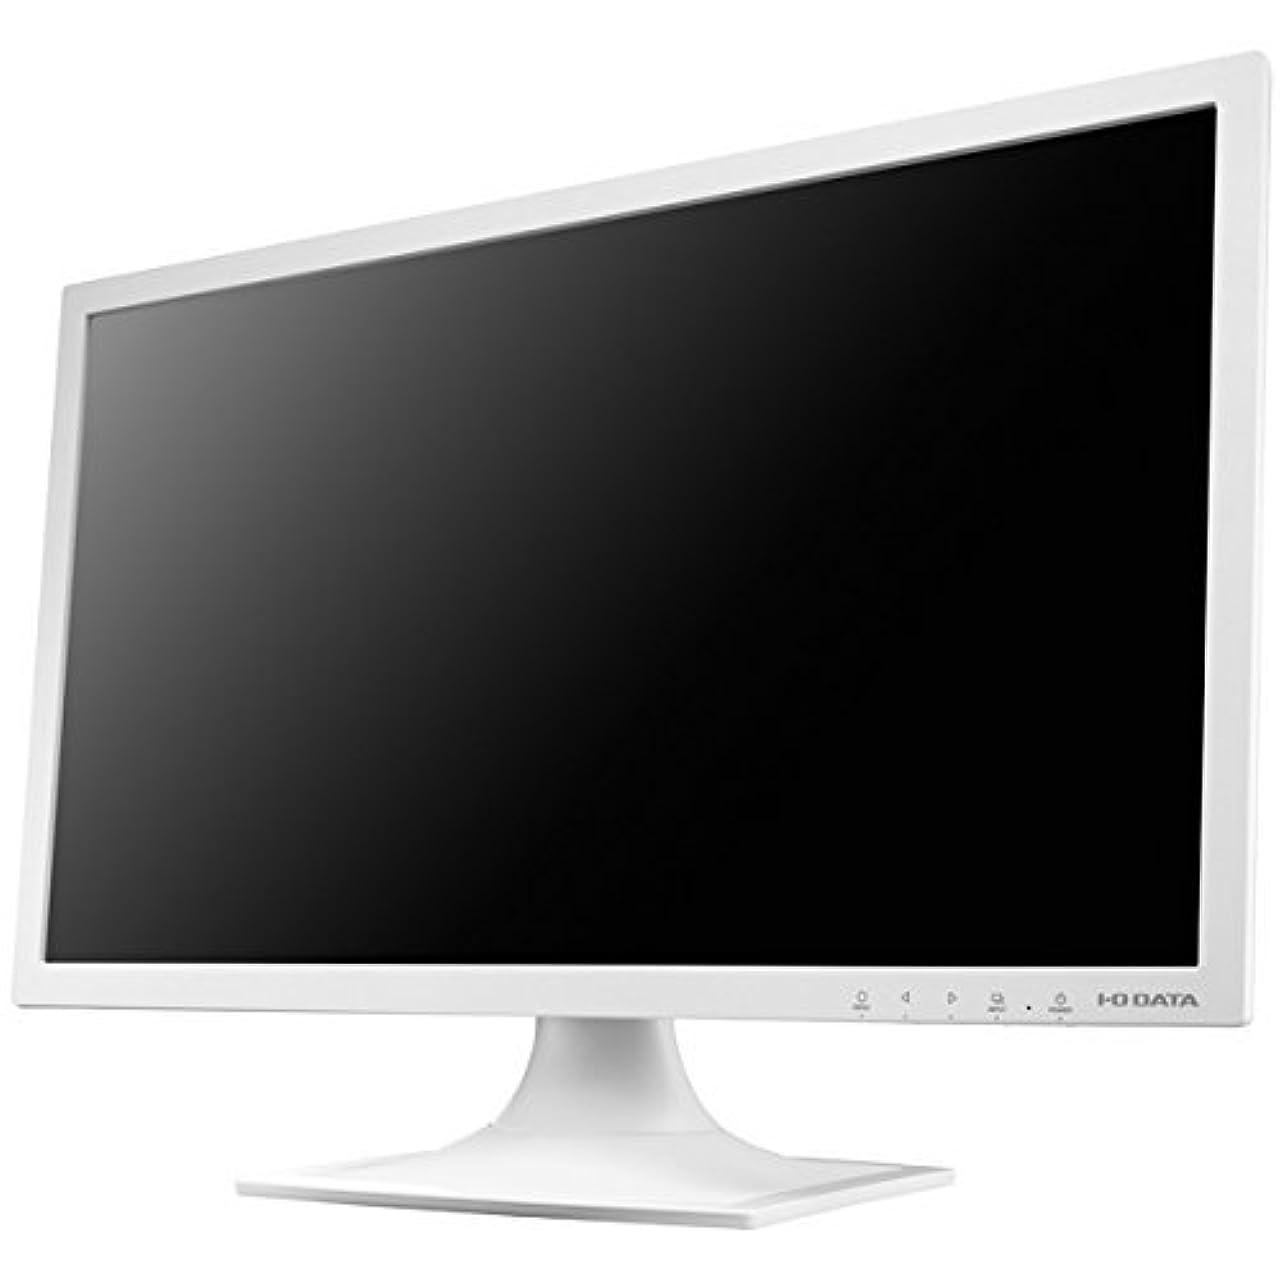 ミスペンドセットアップブースI-O DATA 「5年保証」20.7型ワイド液晶ディスプレイ ホワイト